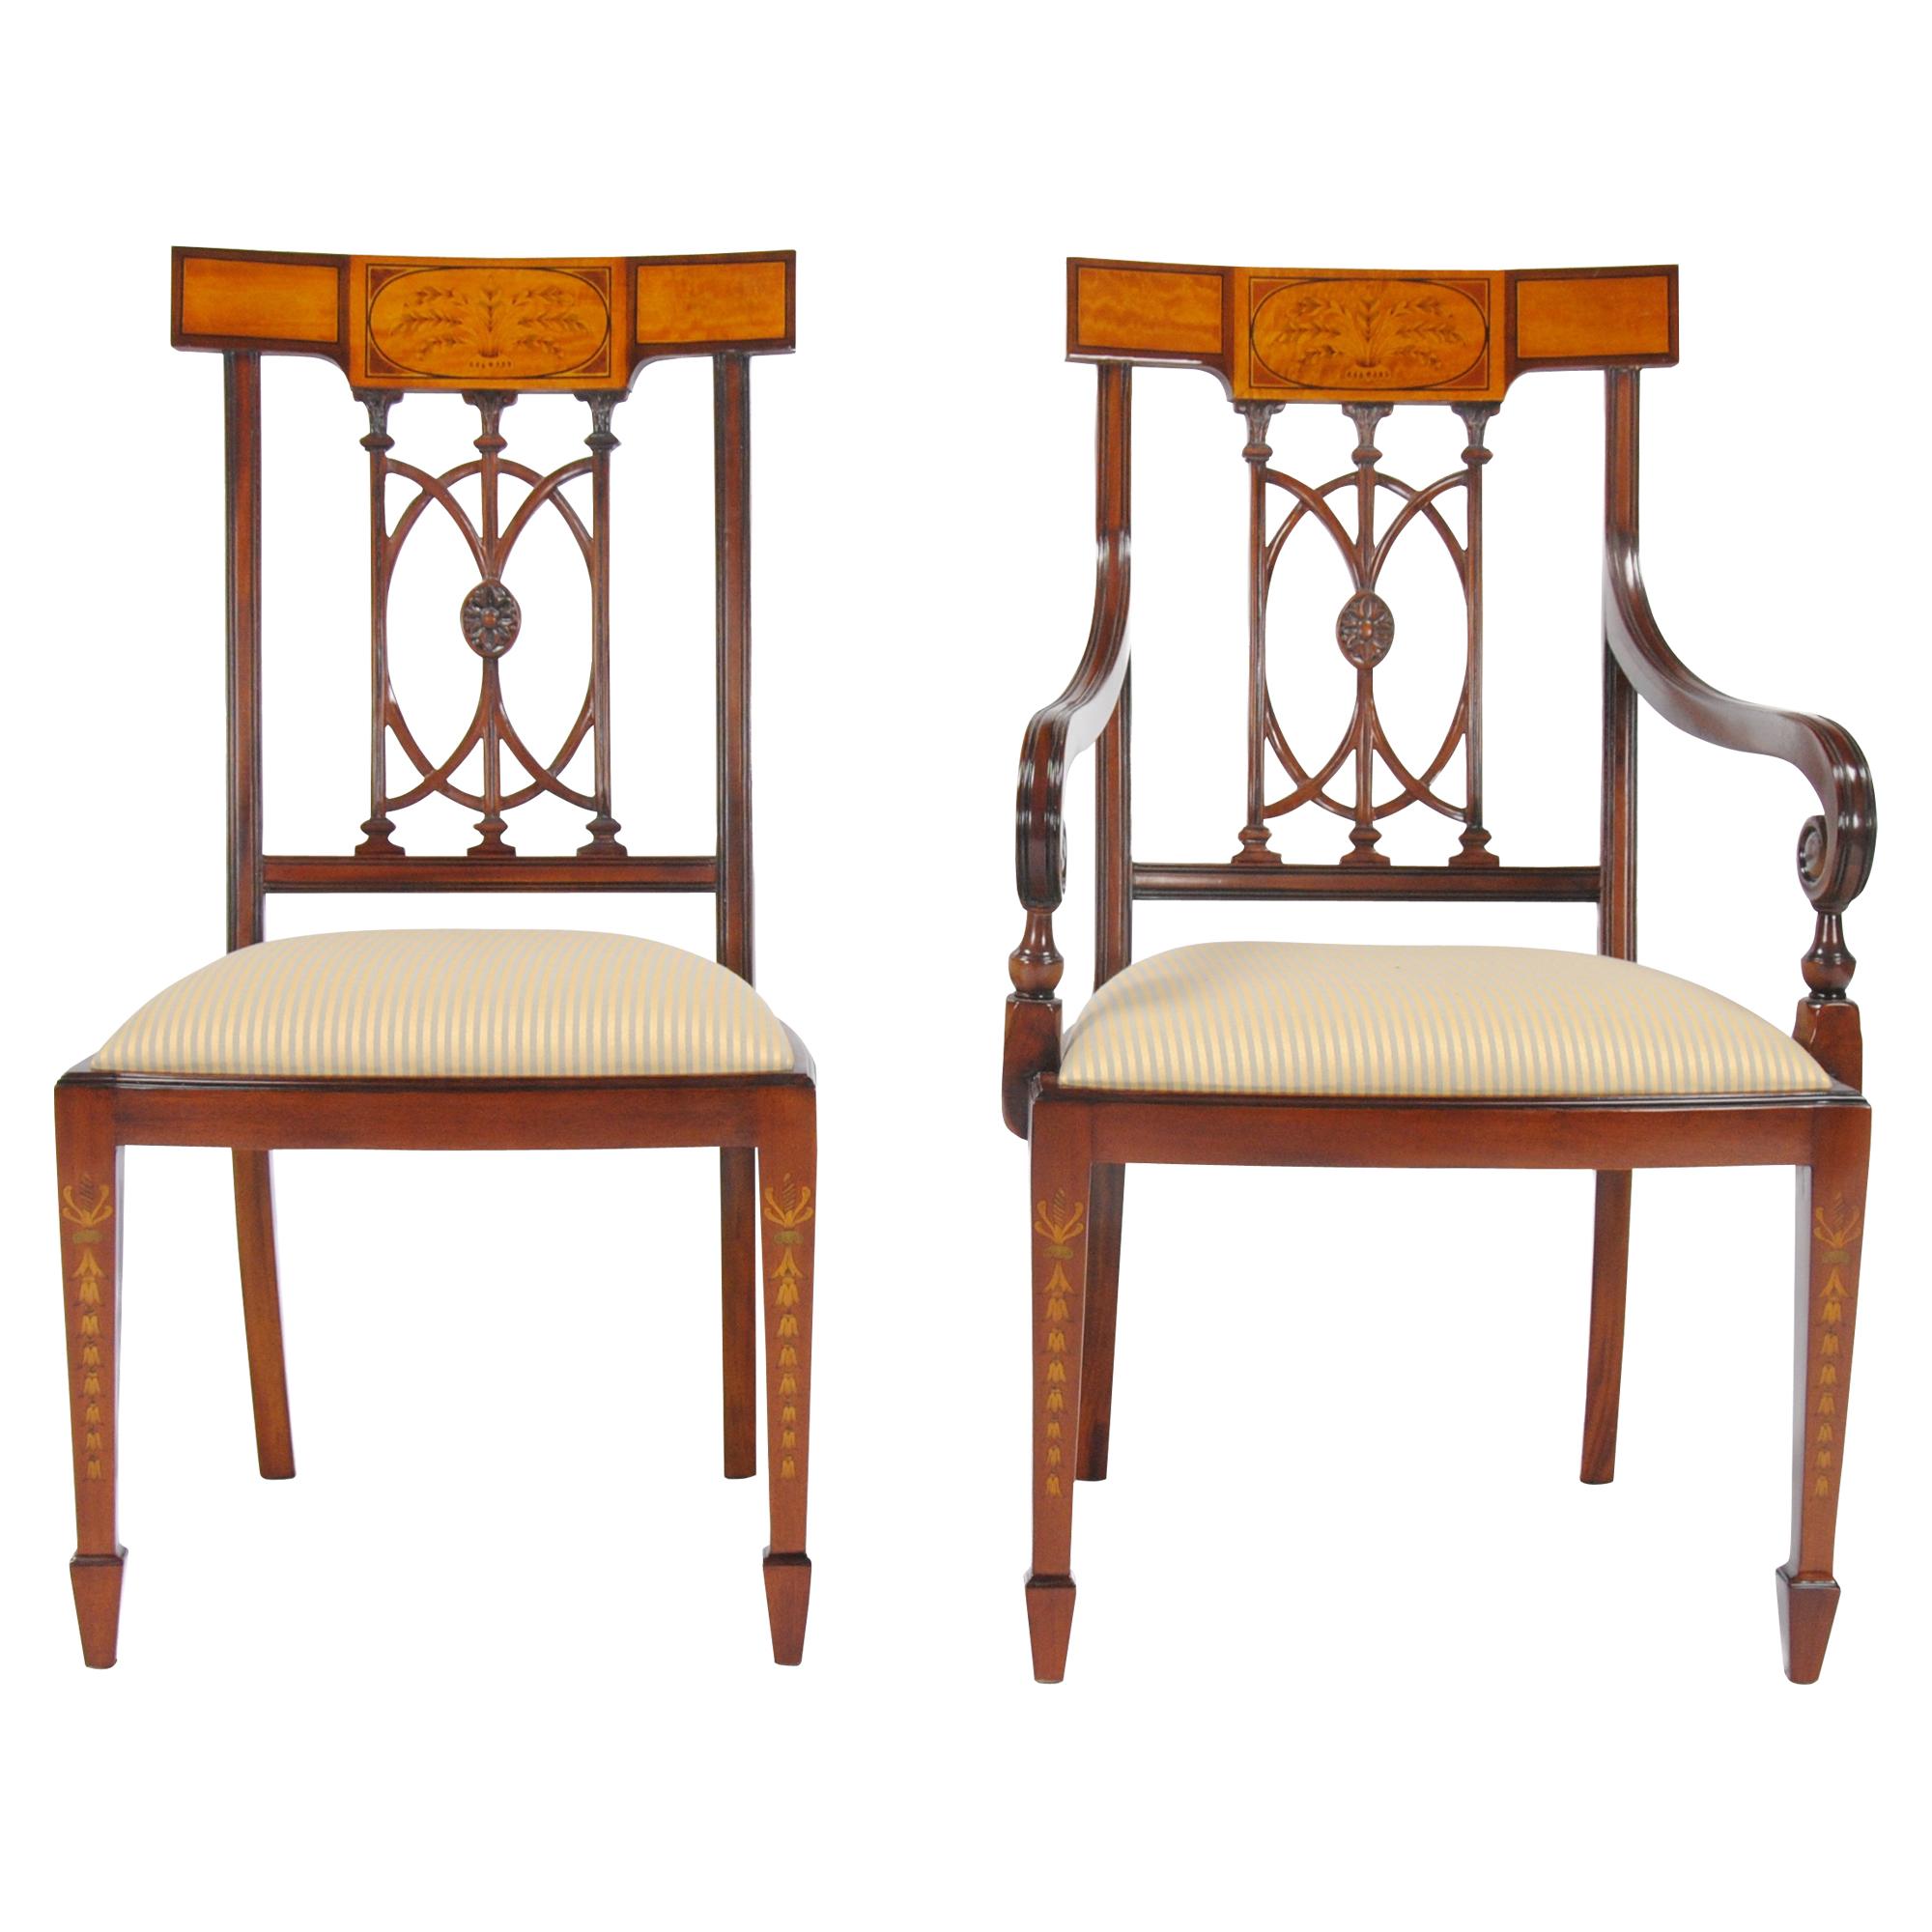 Inlaid Hepplewhite Chairs Set of 10 Niagara Furniture mahogany